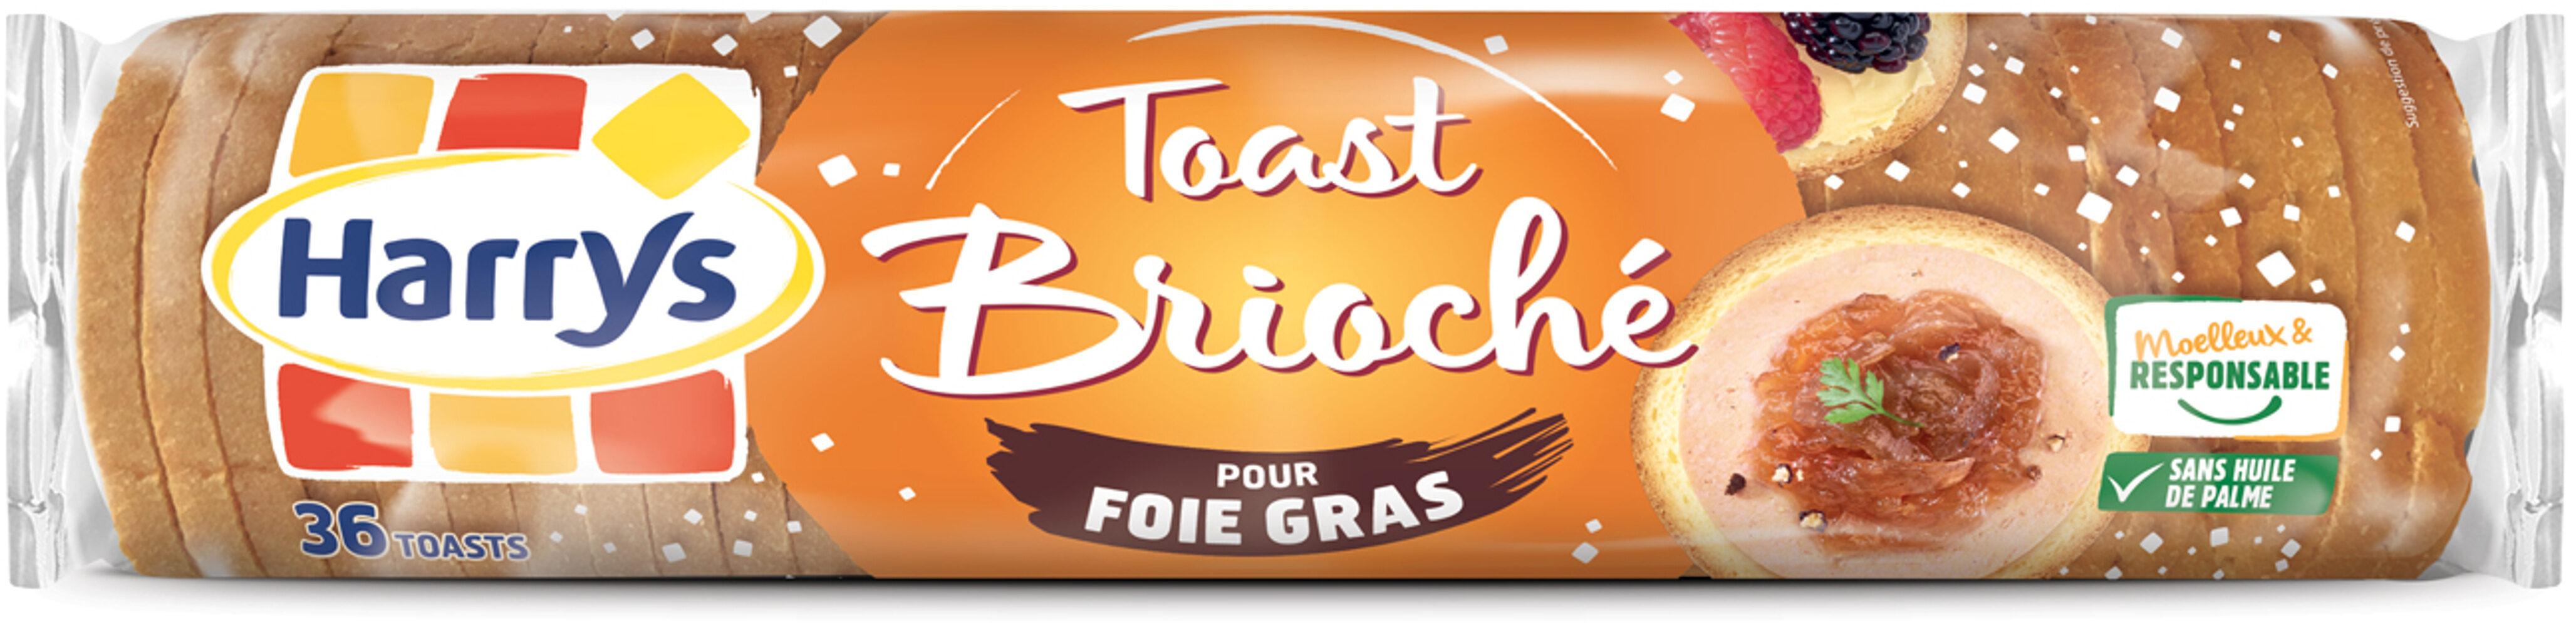 Toasts briochés pour foie gras - Produit - fr